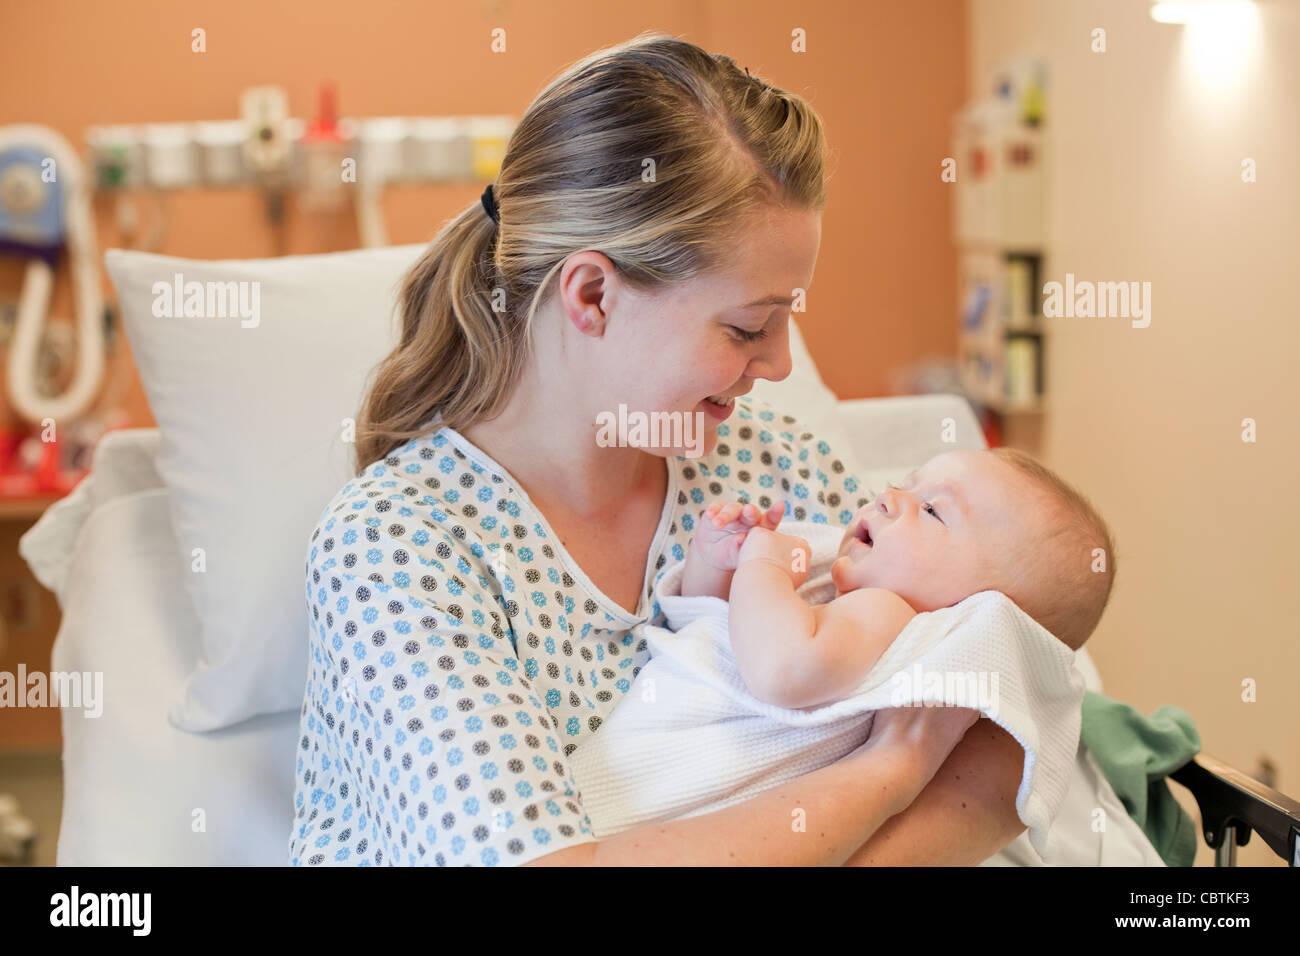 Jeune mère tenant son nouveau-né à l'hôpital. Photo Stock